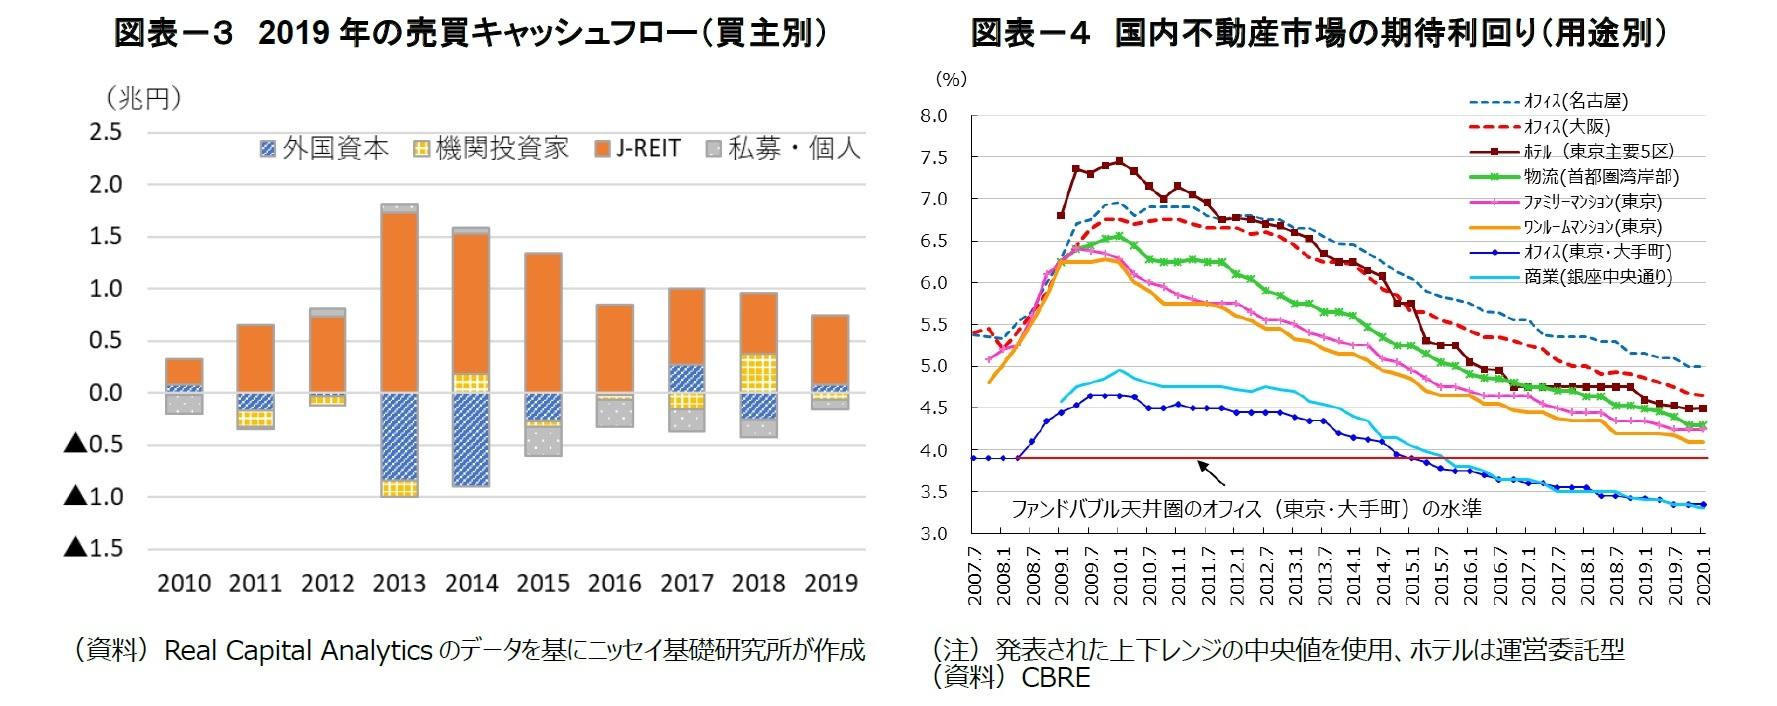 図表-3 2019年の売買キャッシュフロー(買主別)/図表-4 国内不動産市場の期待利回り(用途別)